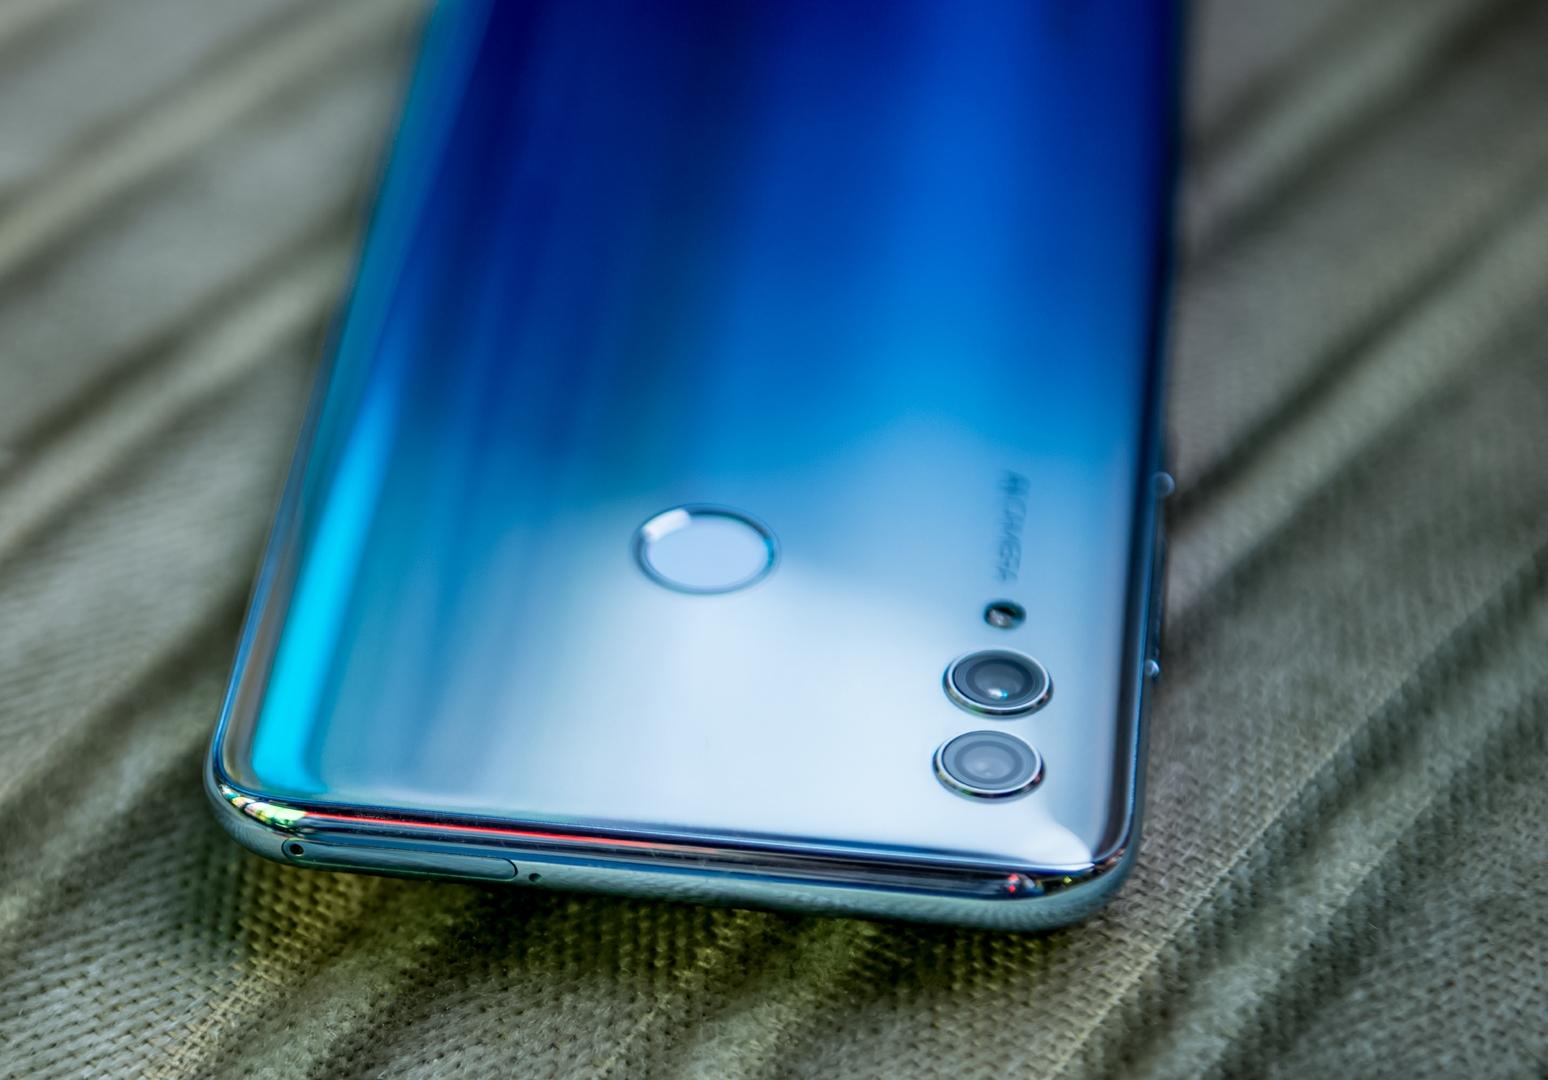 Ничего круче в недорогих смартфонах можете уже не ждать. Быстрый обзор Honor 10 Lite